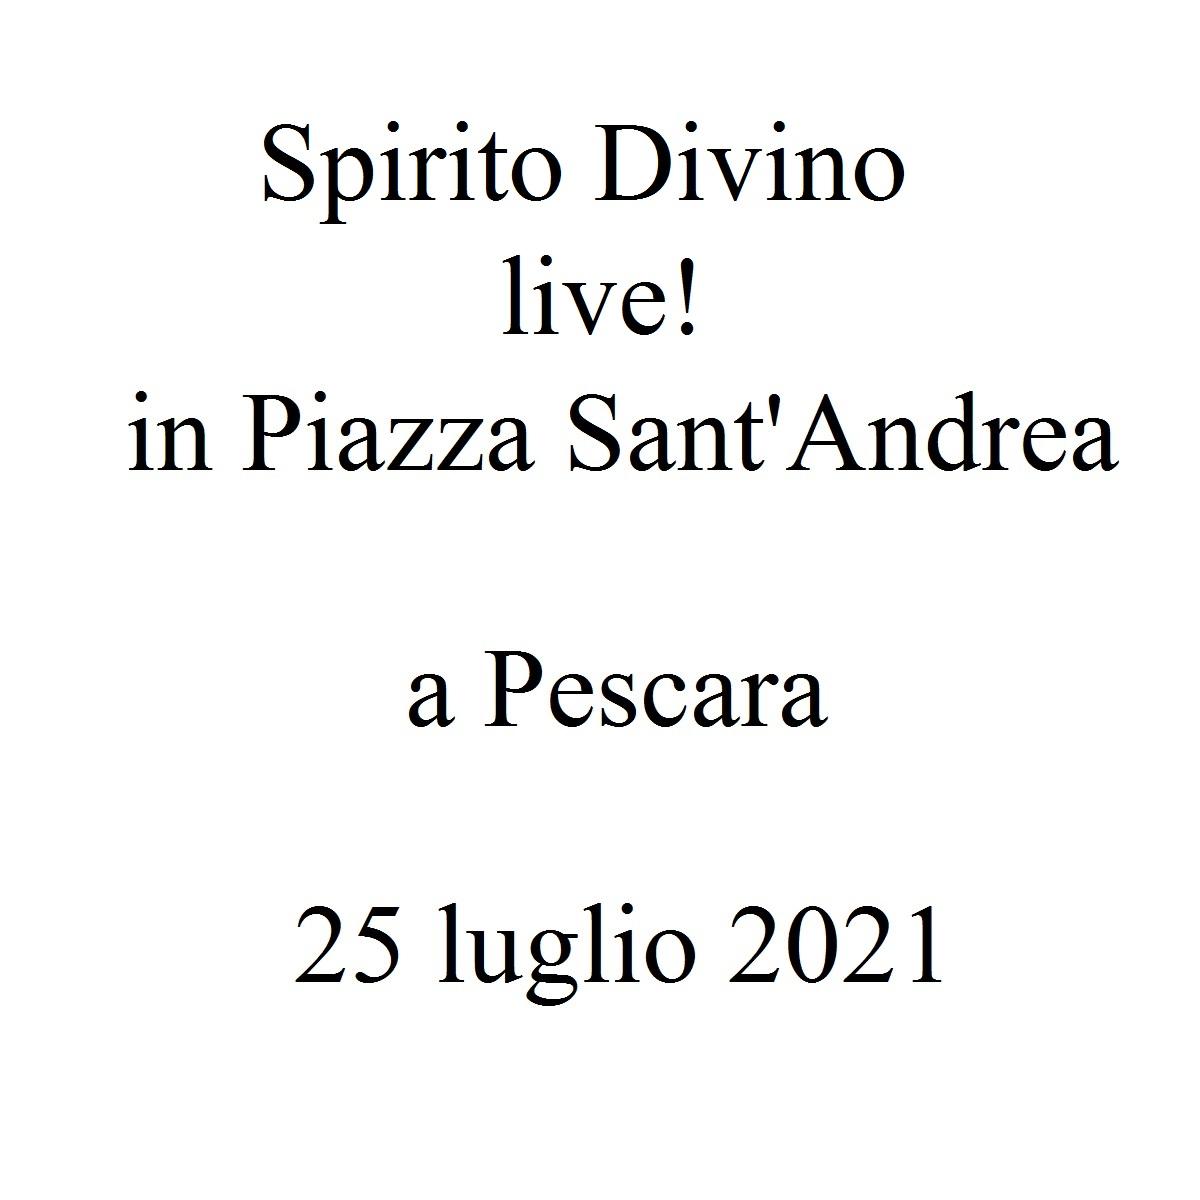 Spirito Divino in Piazza Sant'Andrea 25 luglio 2021 foto